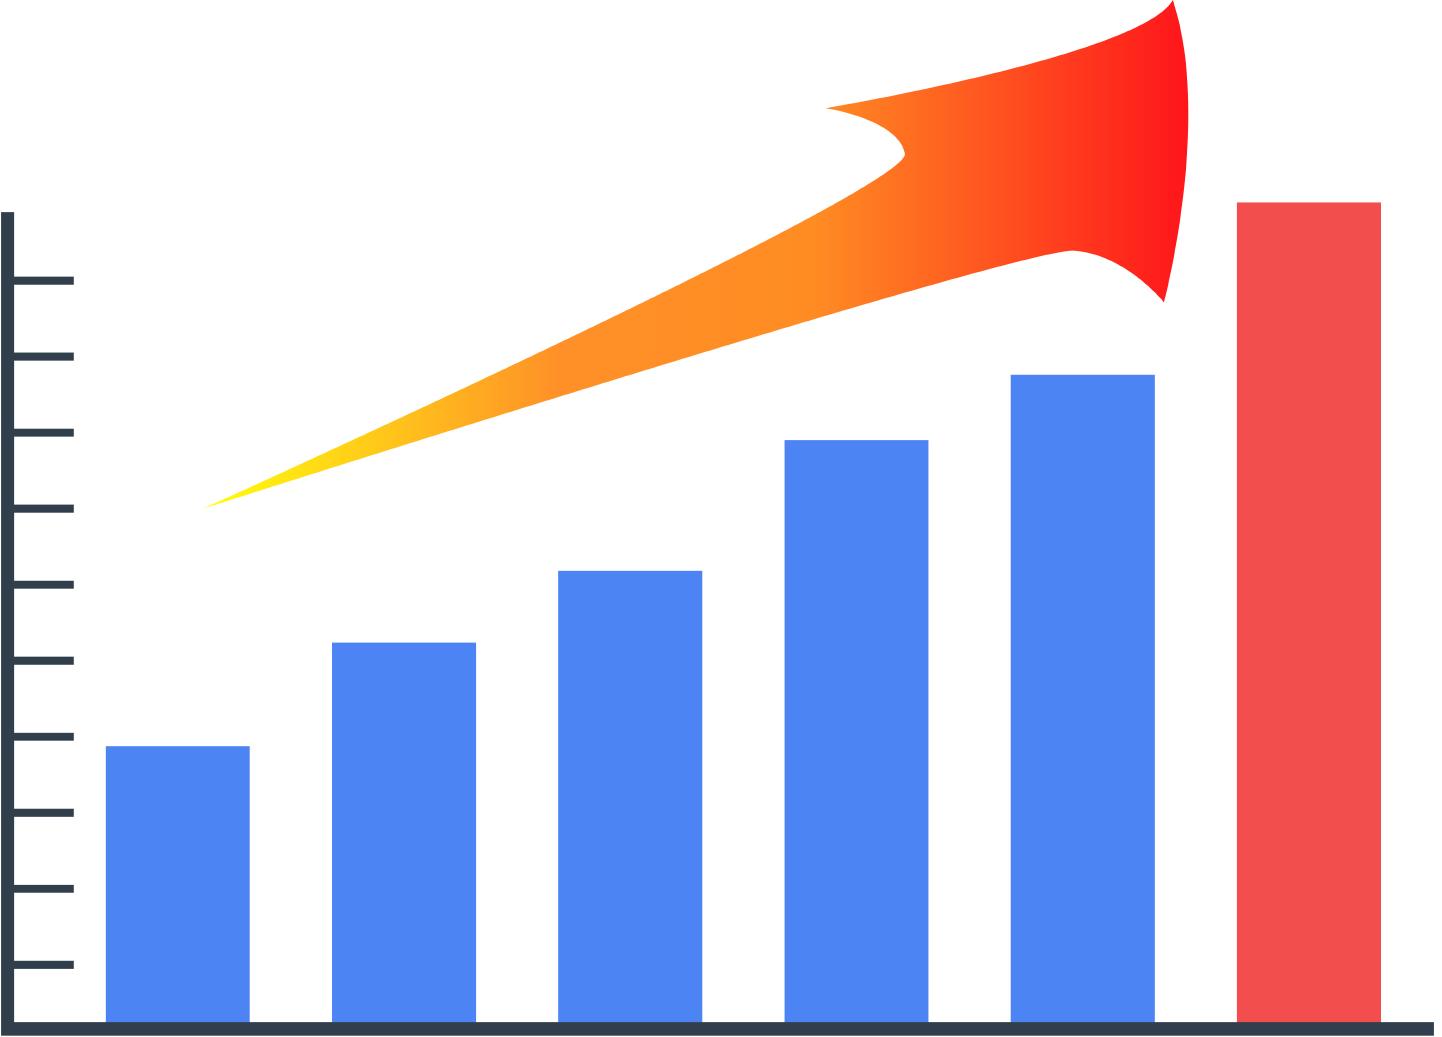 昨年度設備工事受注 やや回復 2.7%増 「管工事」8年連続増の画像